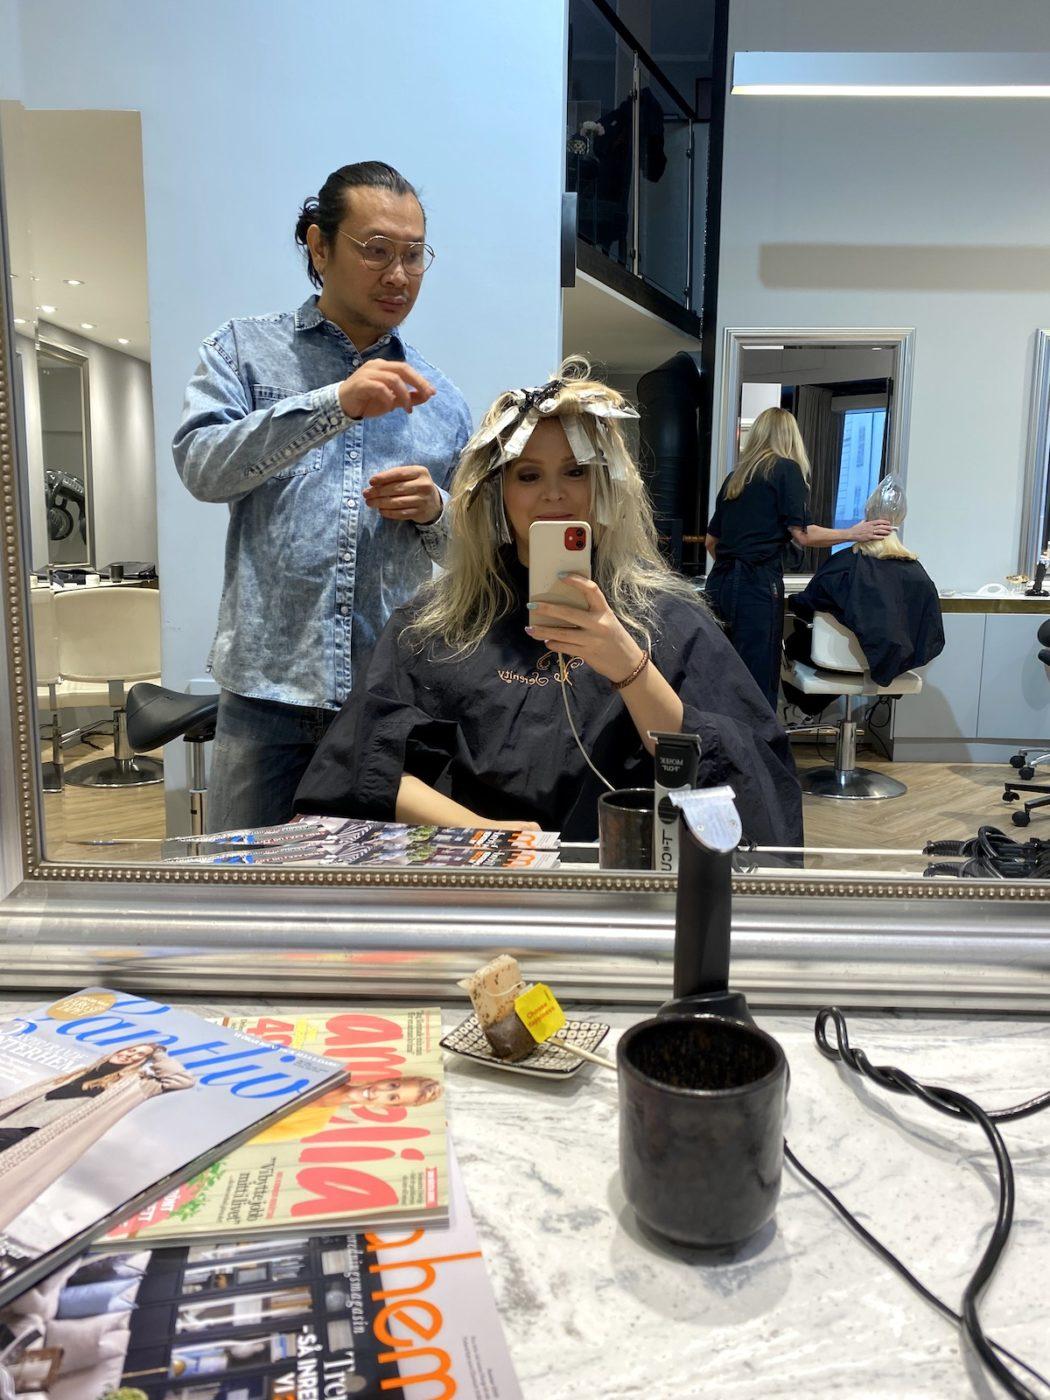 Daniel kollar om hårfärgen är färdig medan Elin sitter i frisörstolen